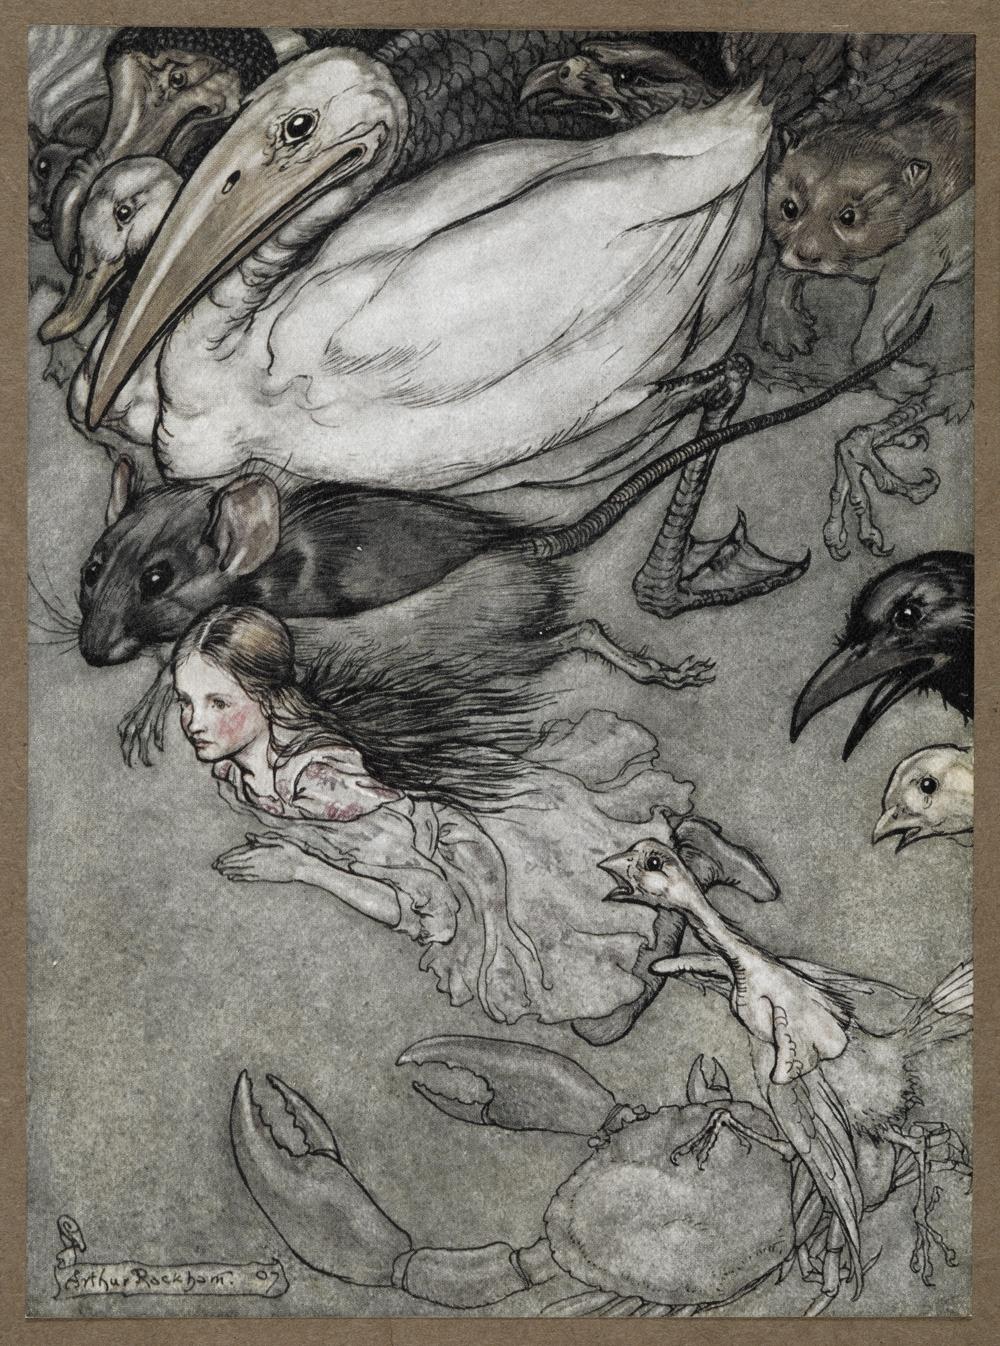 ilustracion alicia en el pais de las maravillas 4